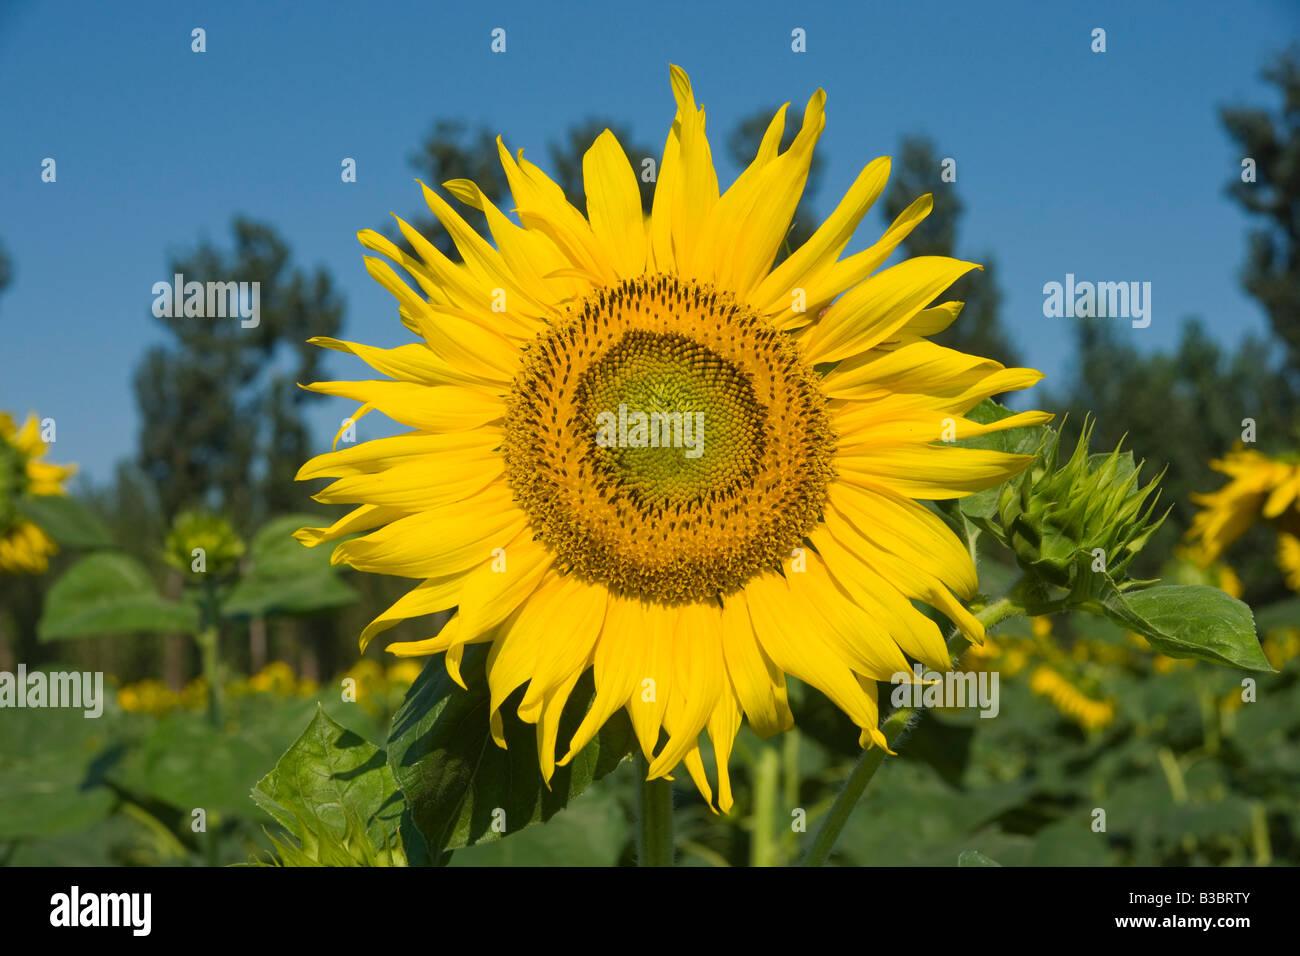 Closeup round bright beautiful yellow fresh sunflowers - Stock Image